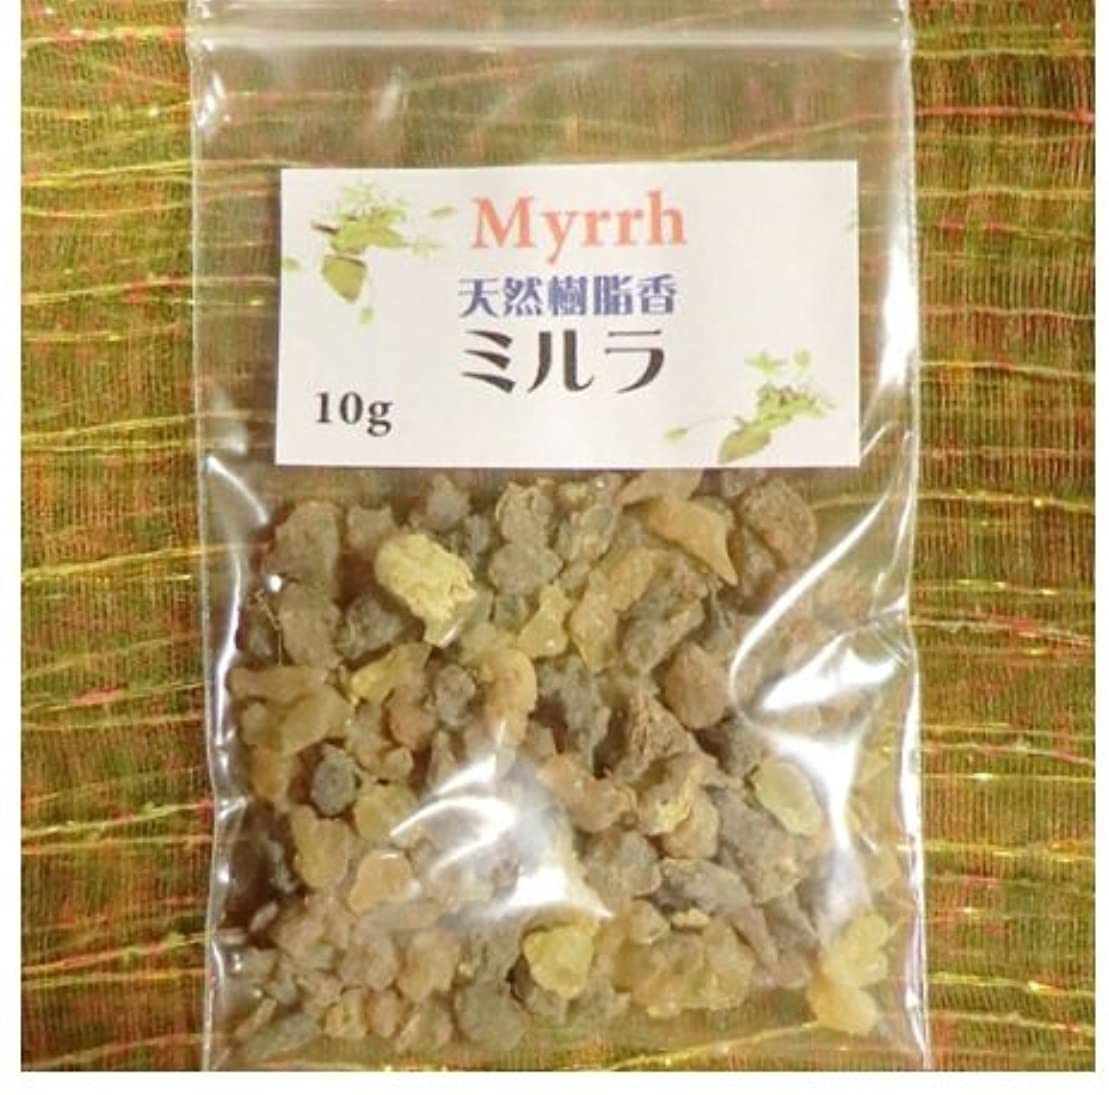 エキスパート野望警戒ミルラ Myrrh (没薬) 天然樹脂香 10g (ミルラ)